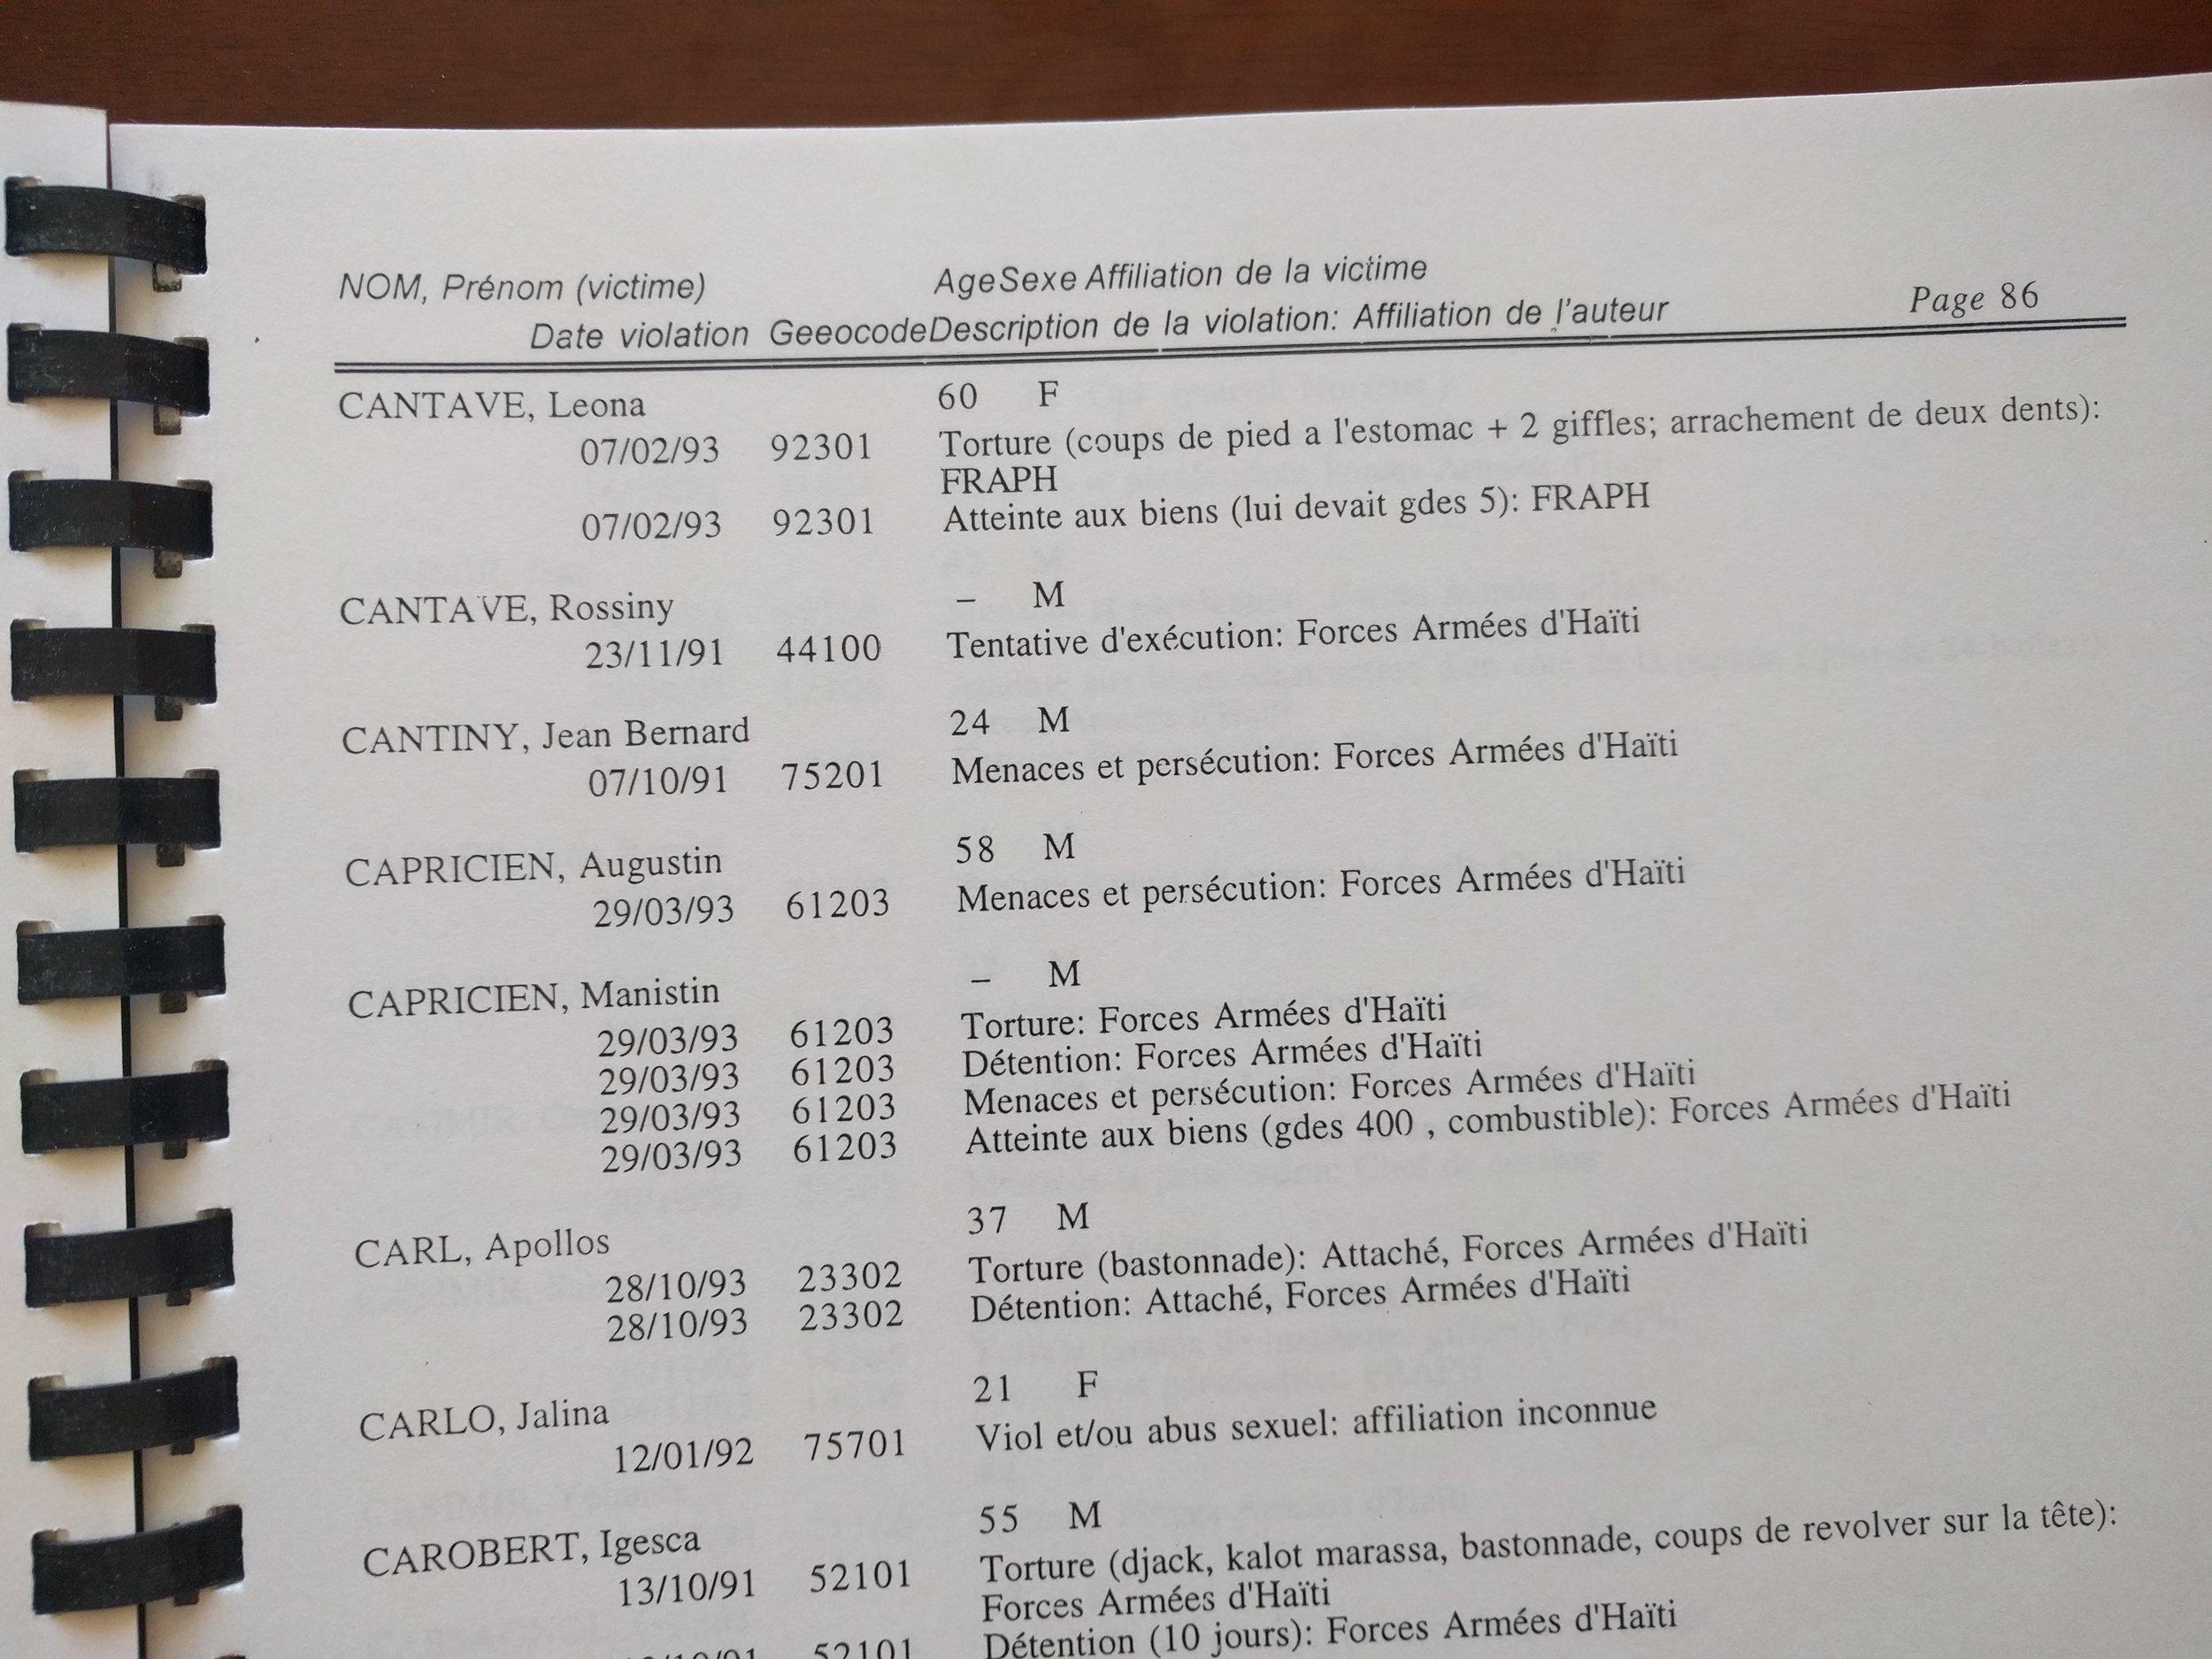 Le nom de Manistin Capricien tel qu'il paraît sur la page 86 du 3eme Annexe de la Commission Nationale de Vérité et Justice (CNVJ) -  en savoir plus sur la CNVJ